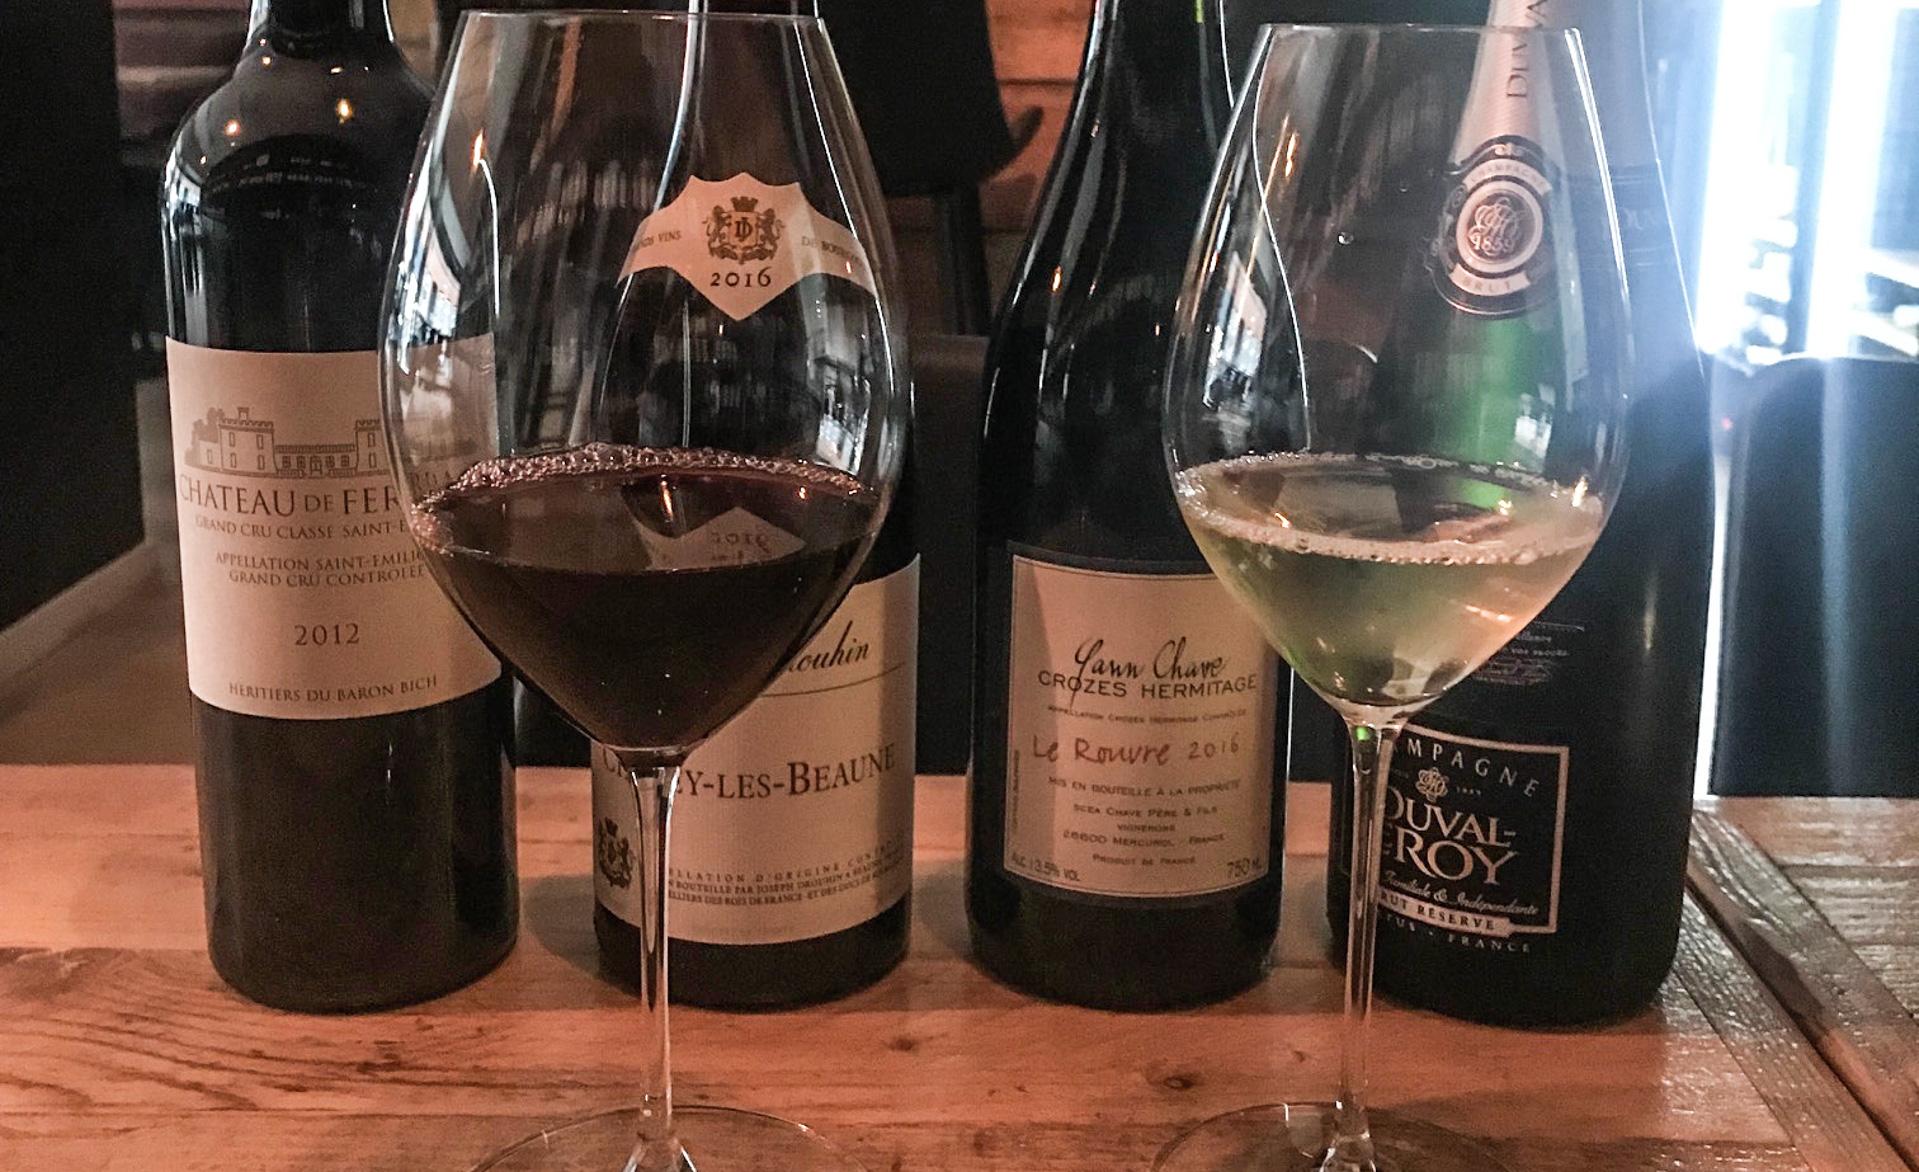 Din Vinbar: Vinsmagning på franske klassikere fra Champagne, Bourgogne og Saint-Emilion